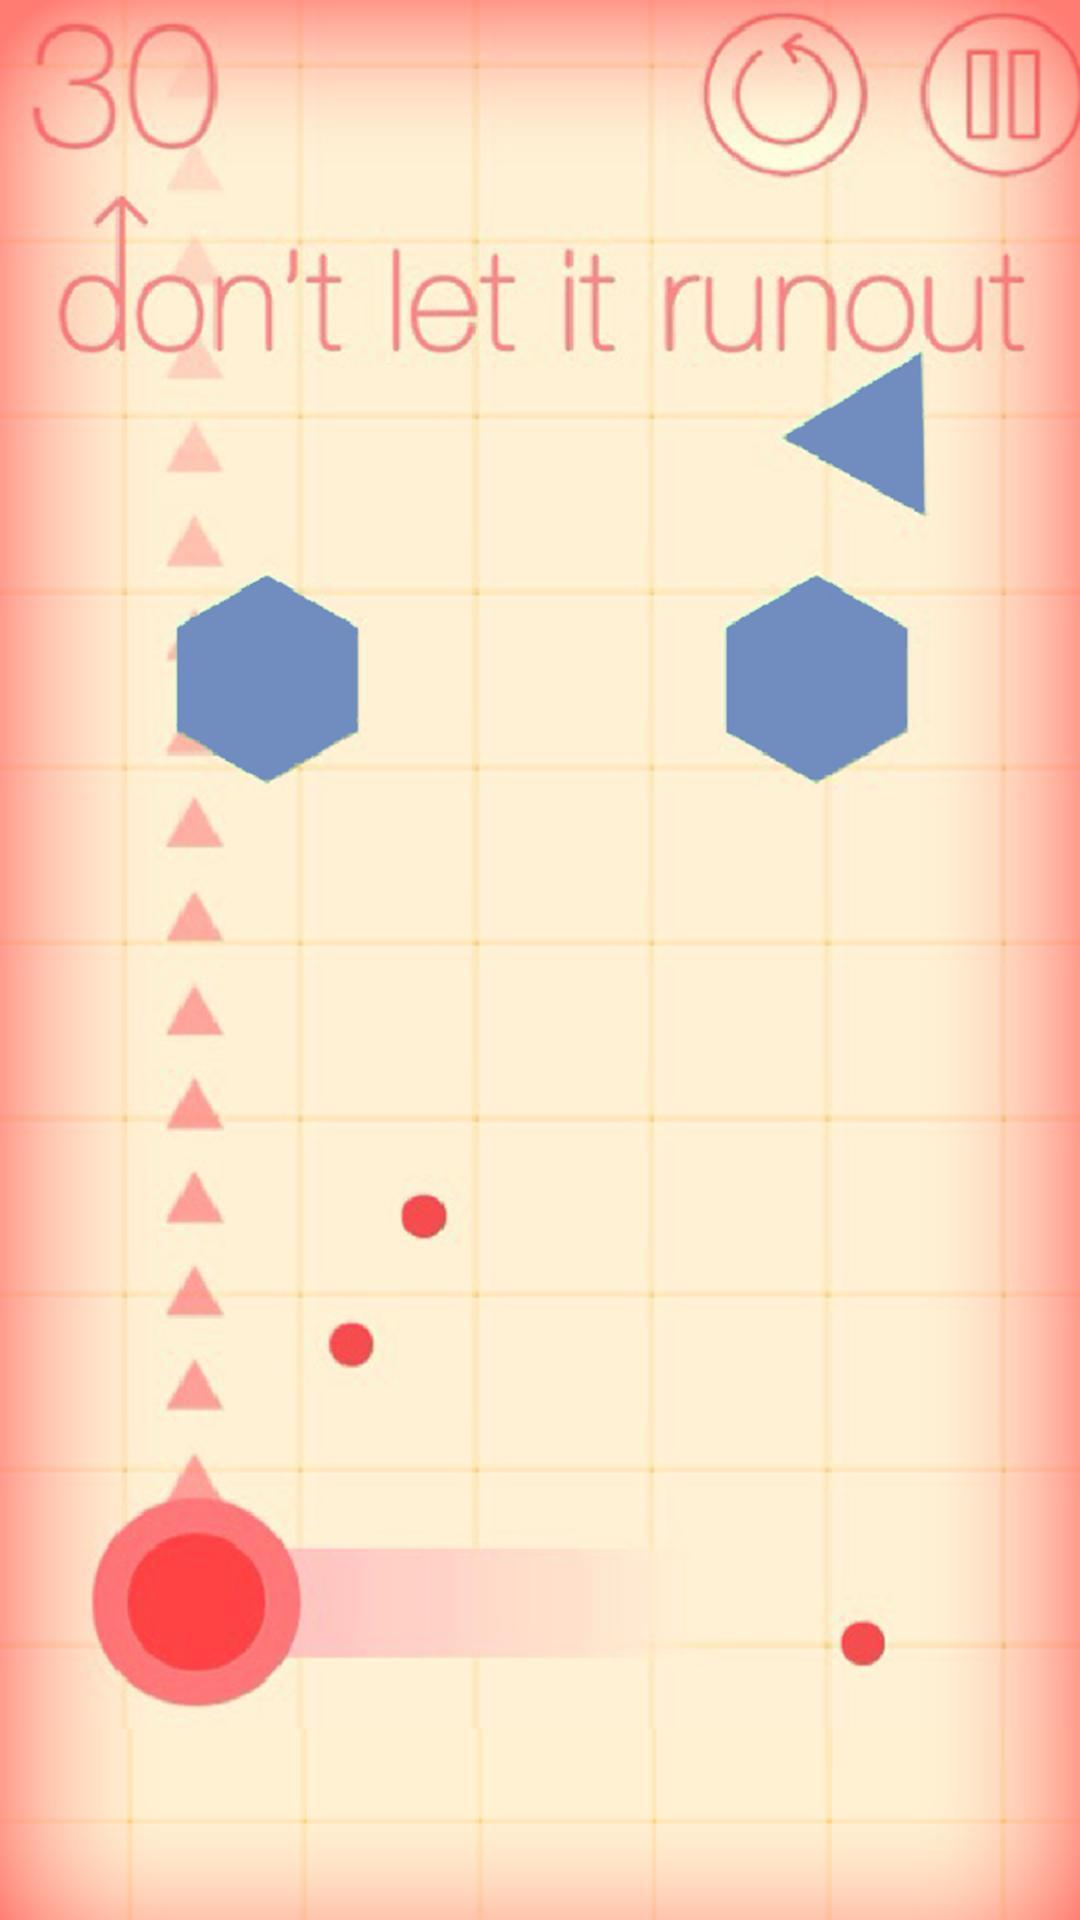 超级节拍小球休闲手游v1.5截图1